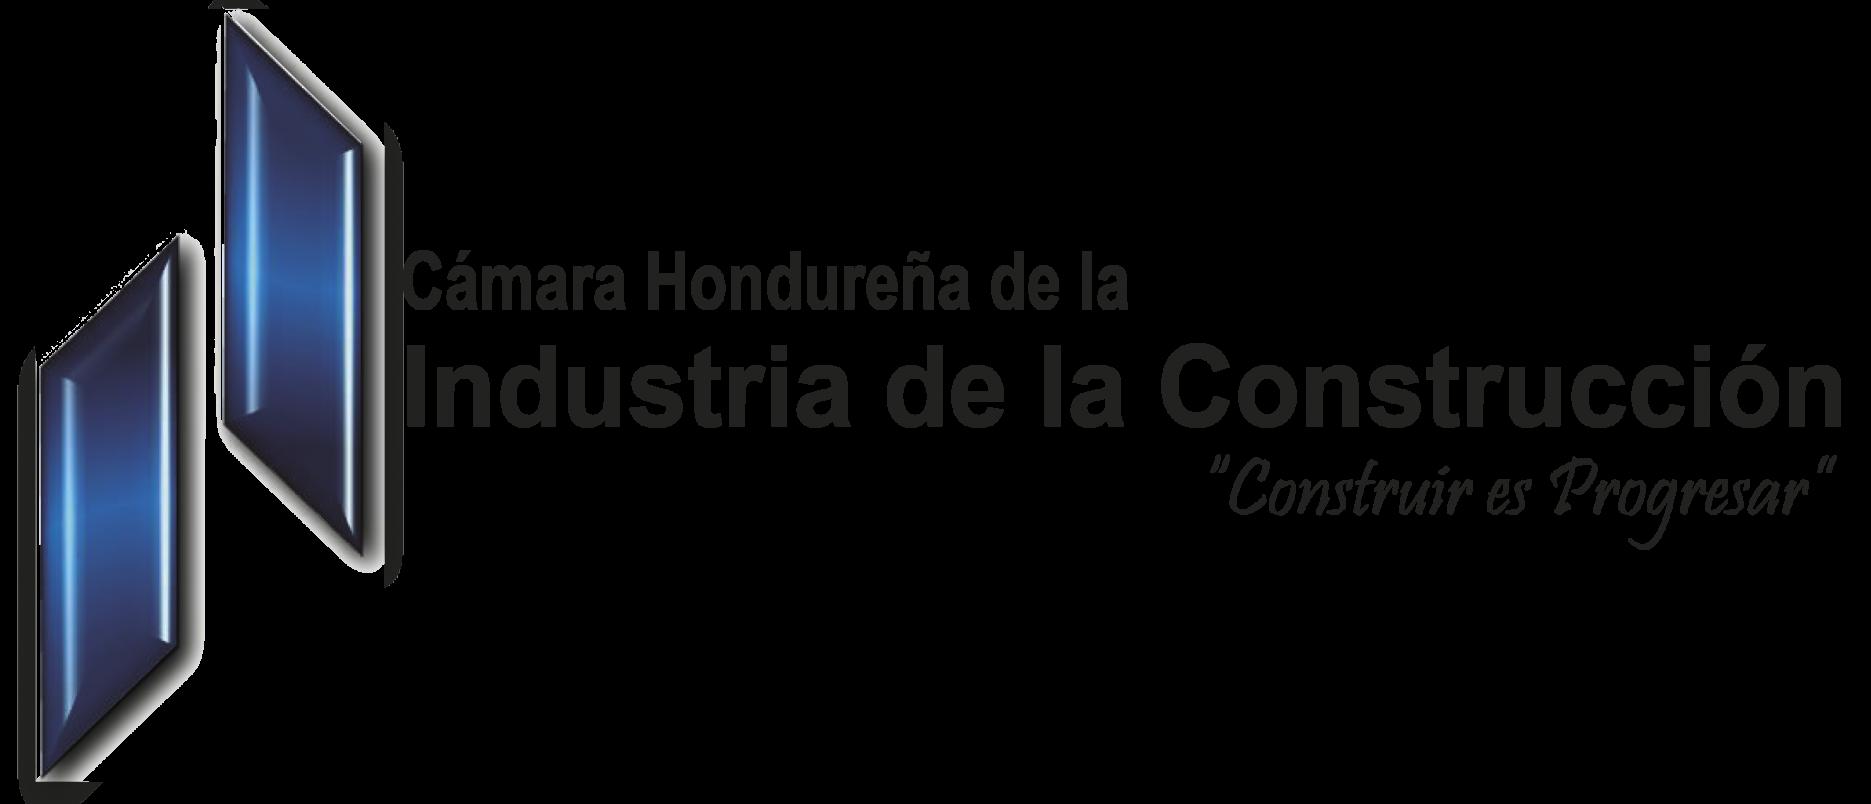 Cámara Hondureña de la Industria de la Construcción